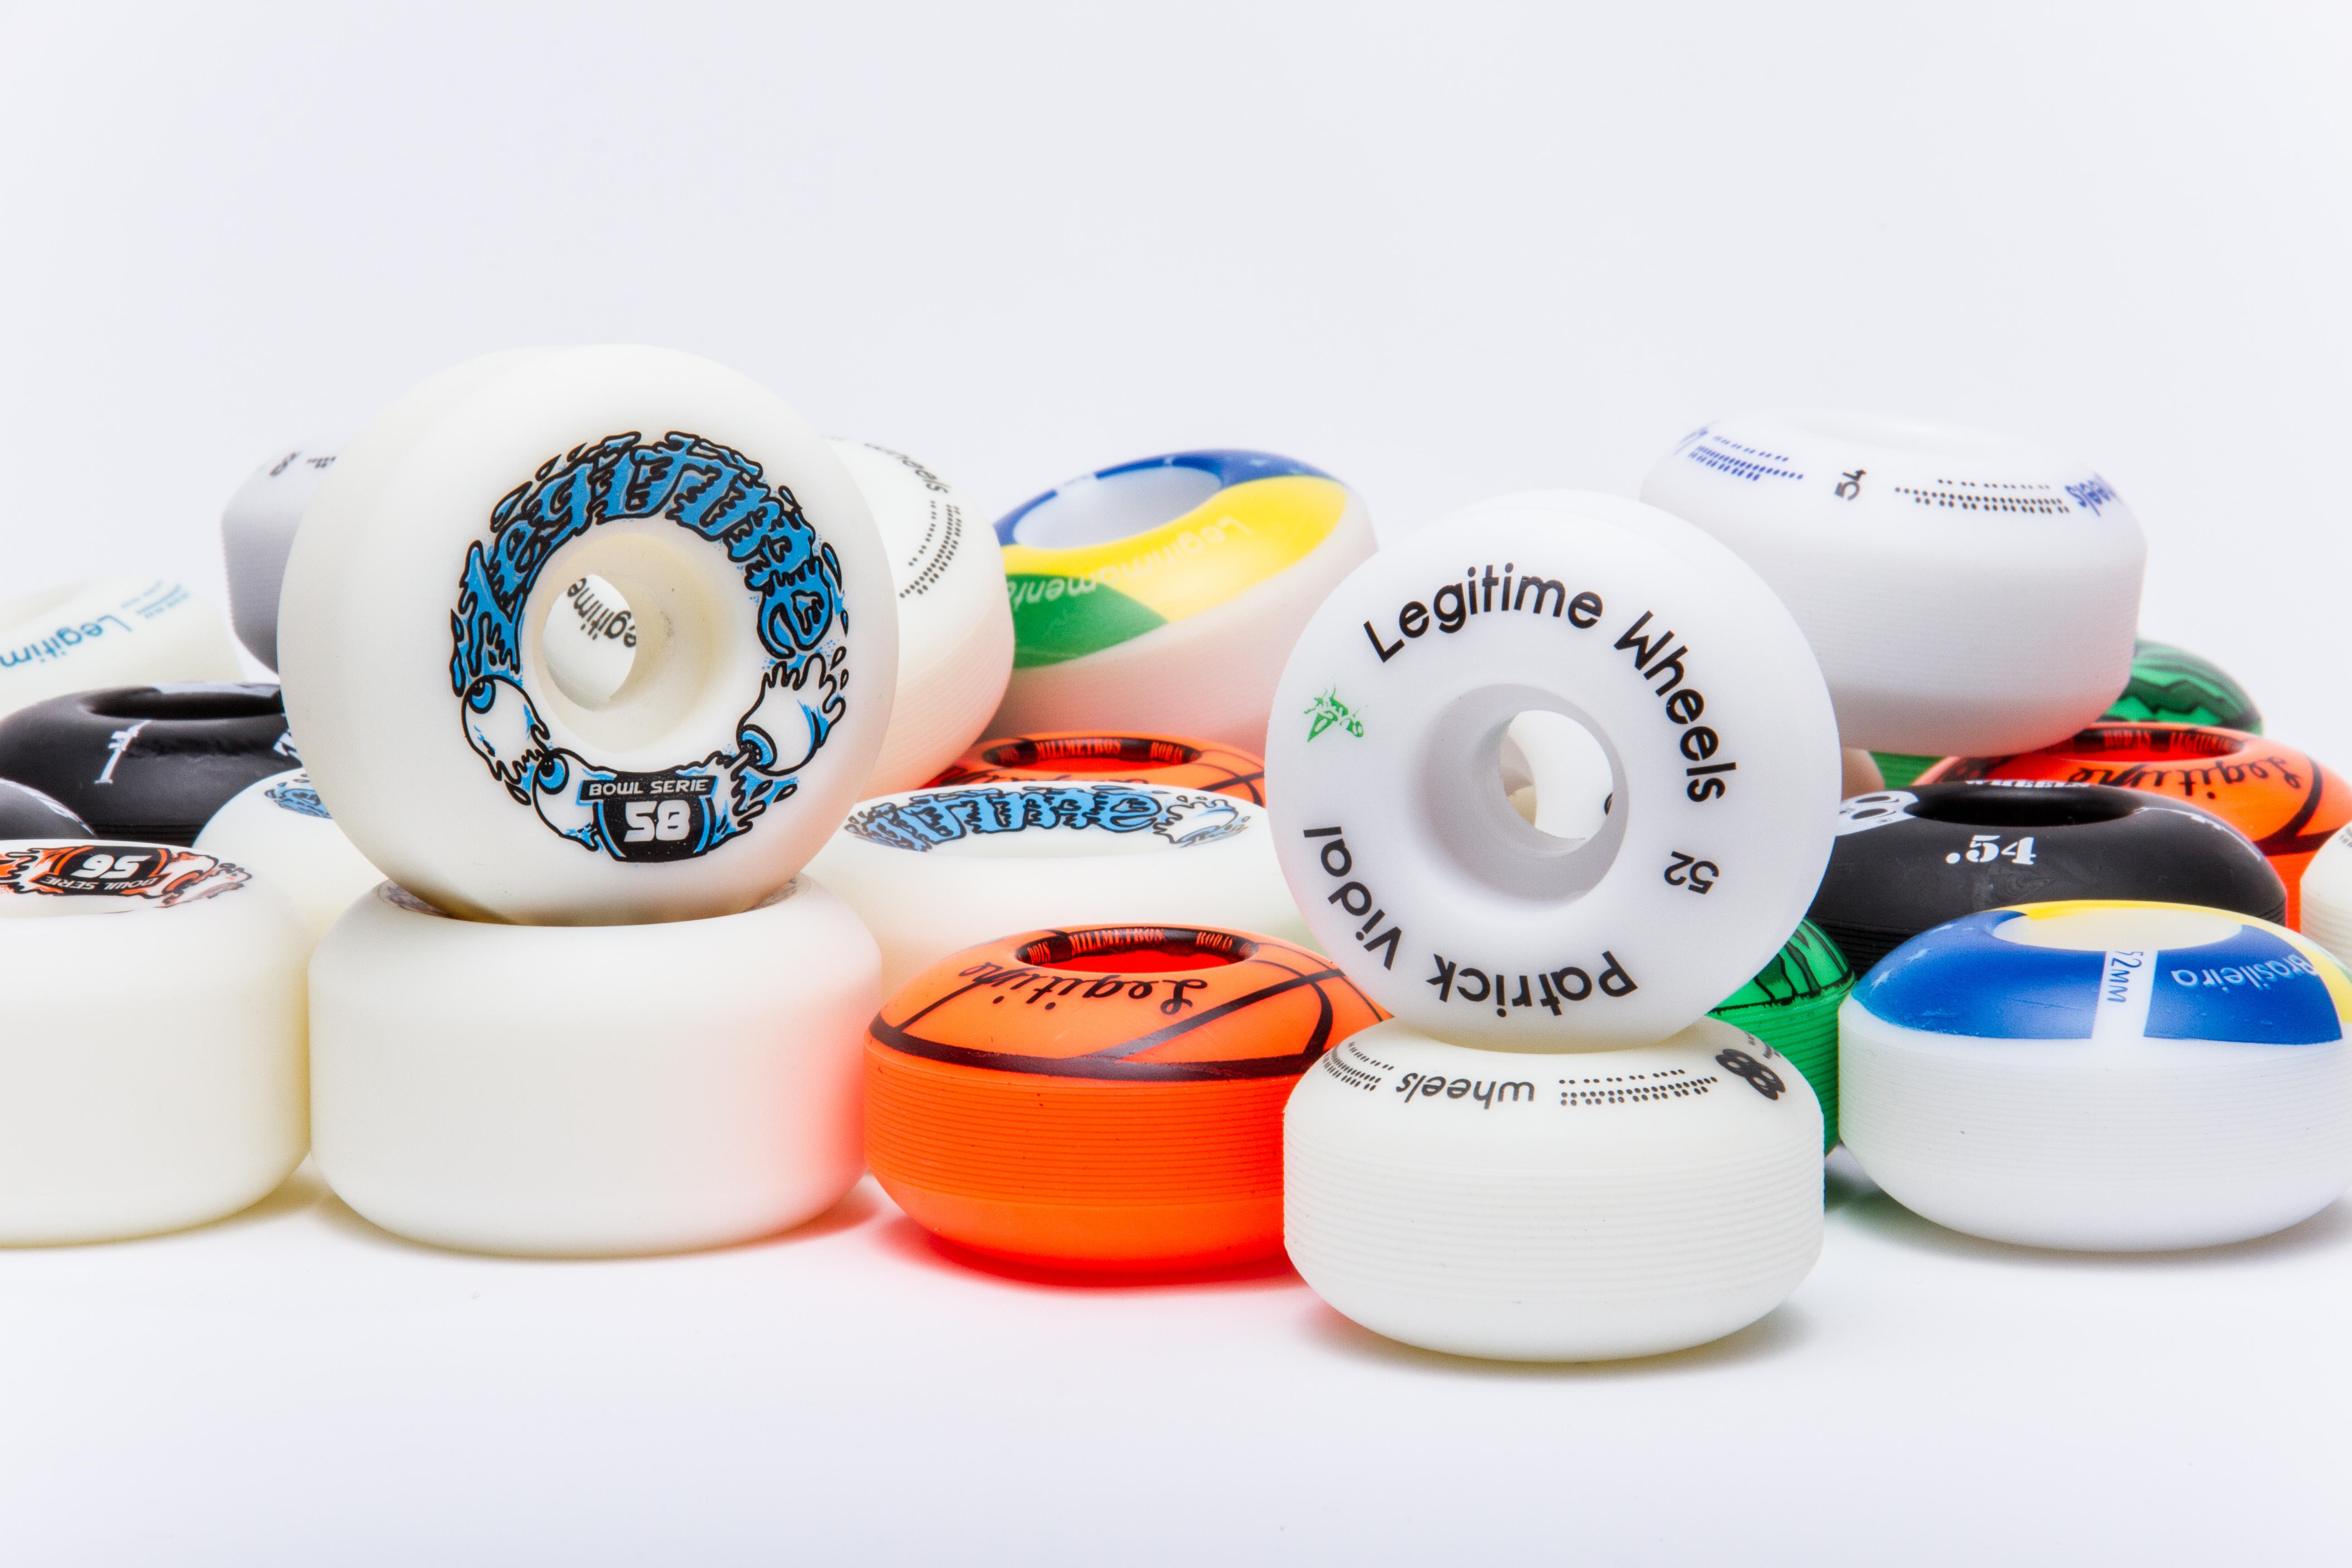 LEGITIME - Wheels